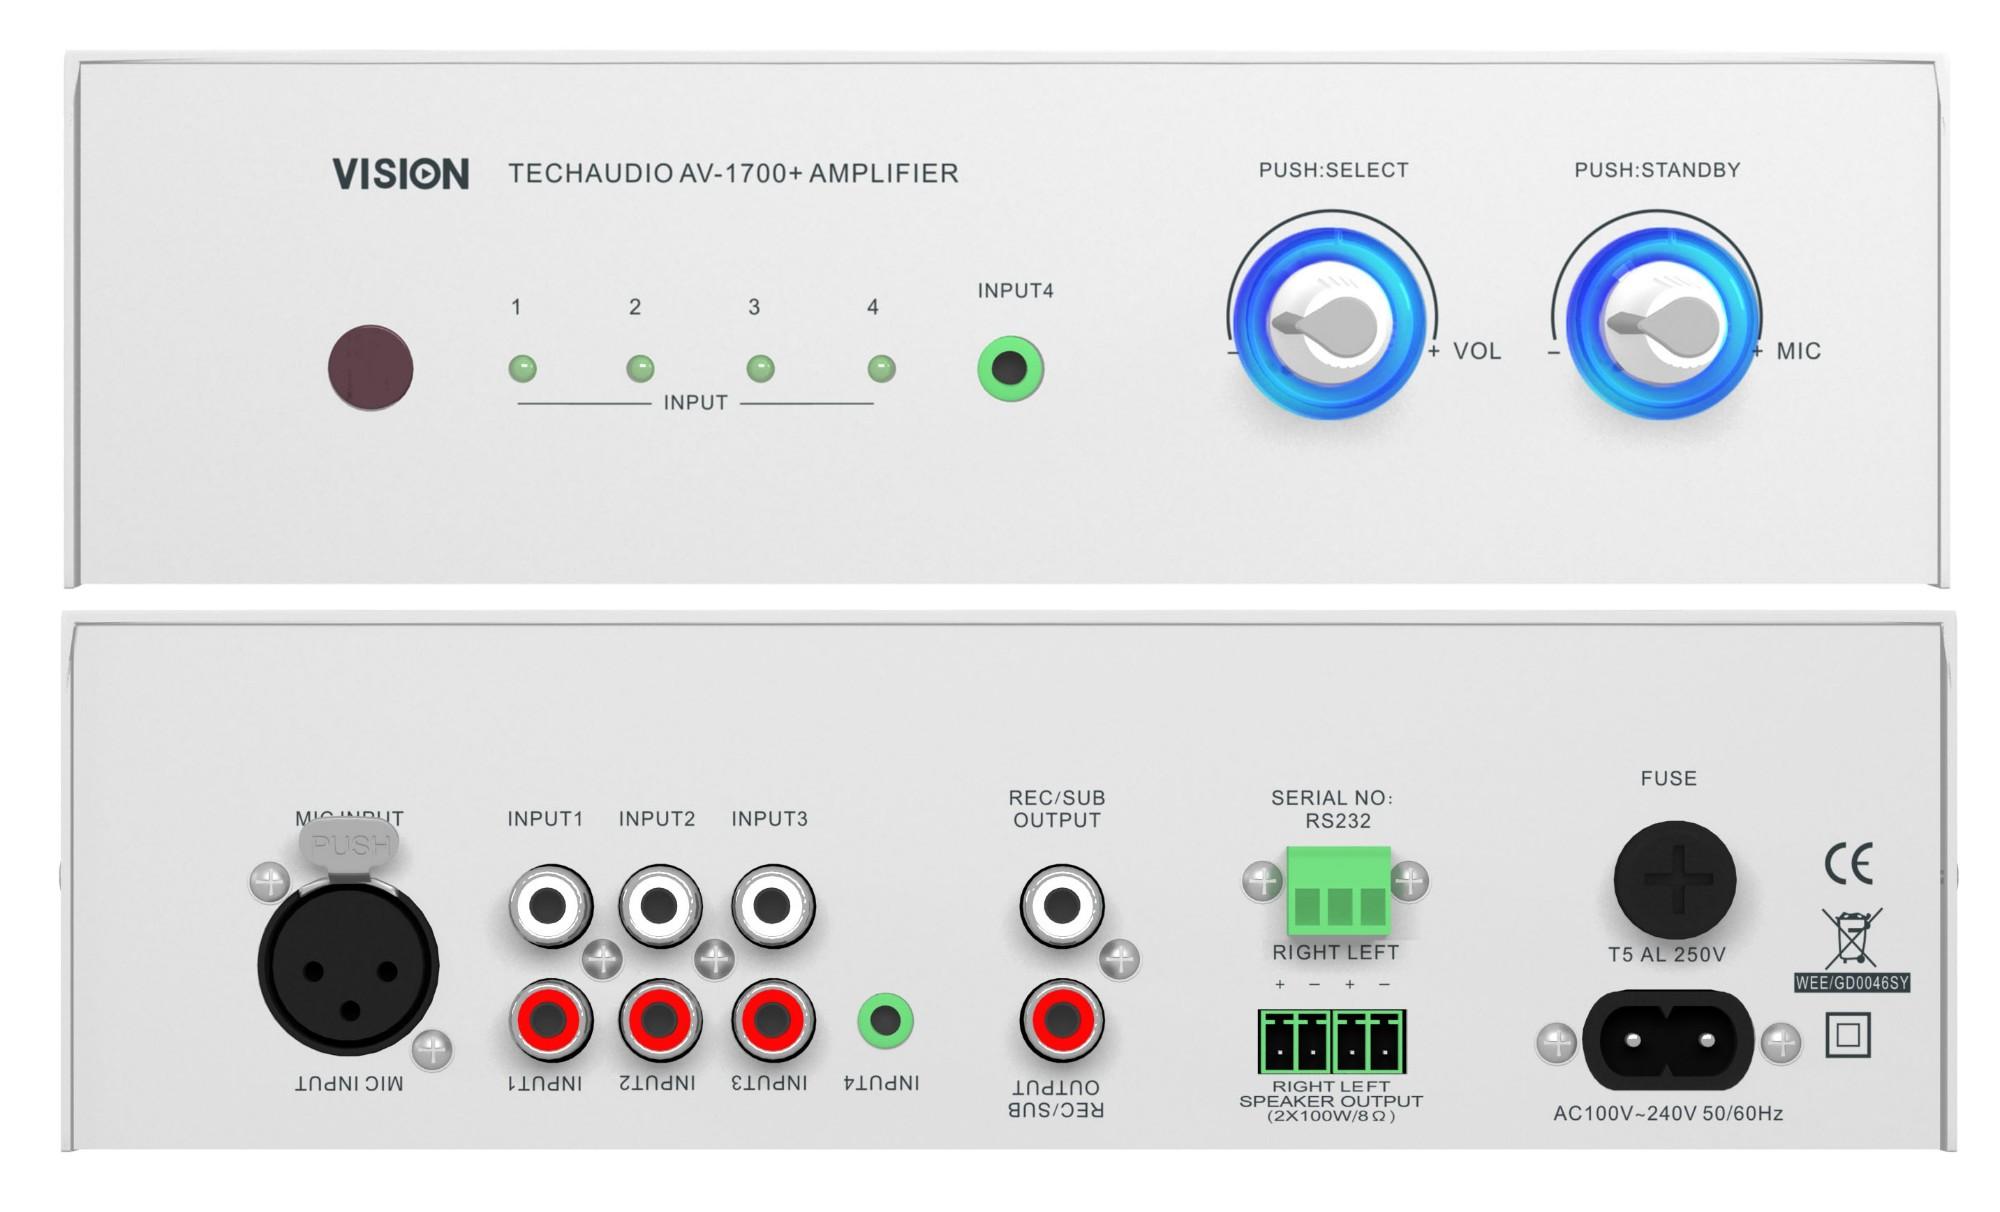 Vision AV-1700+ Wired White audio amplifier